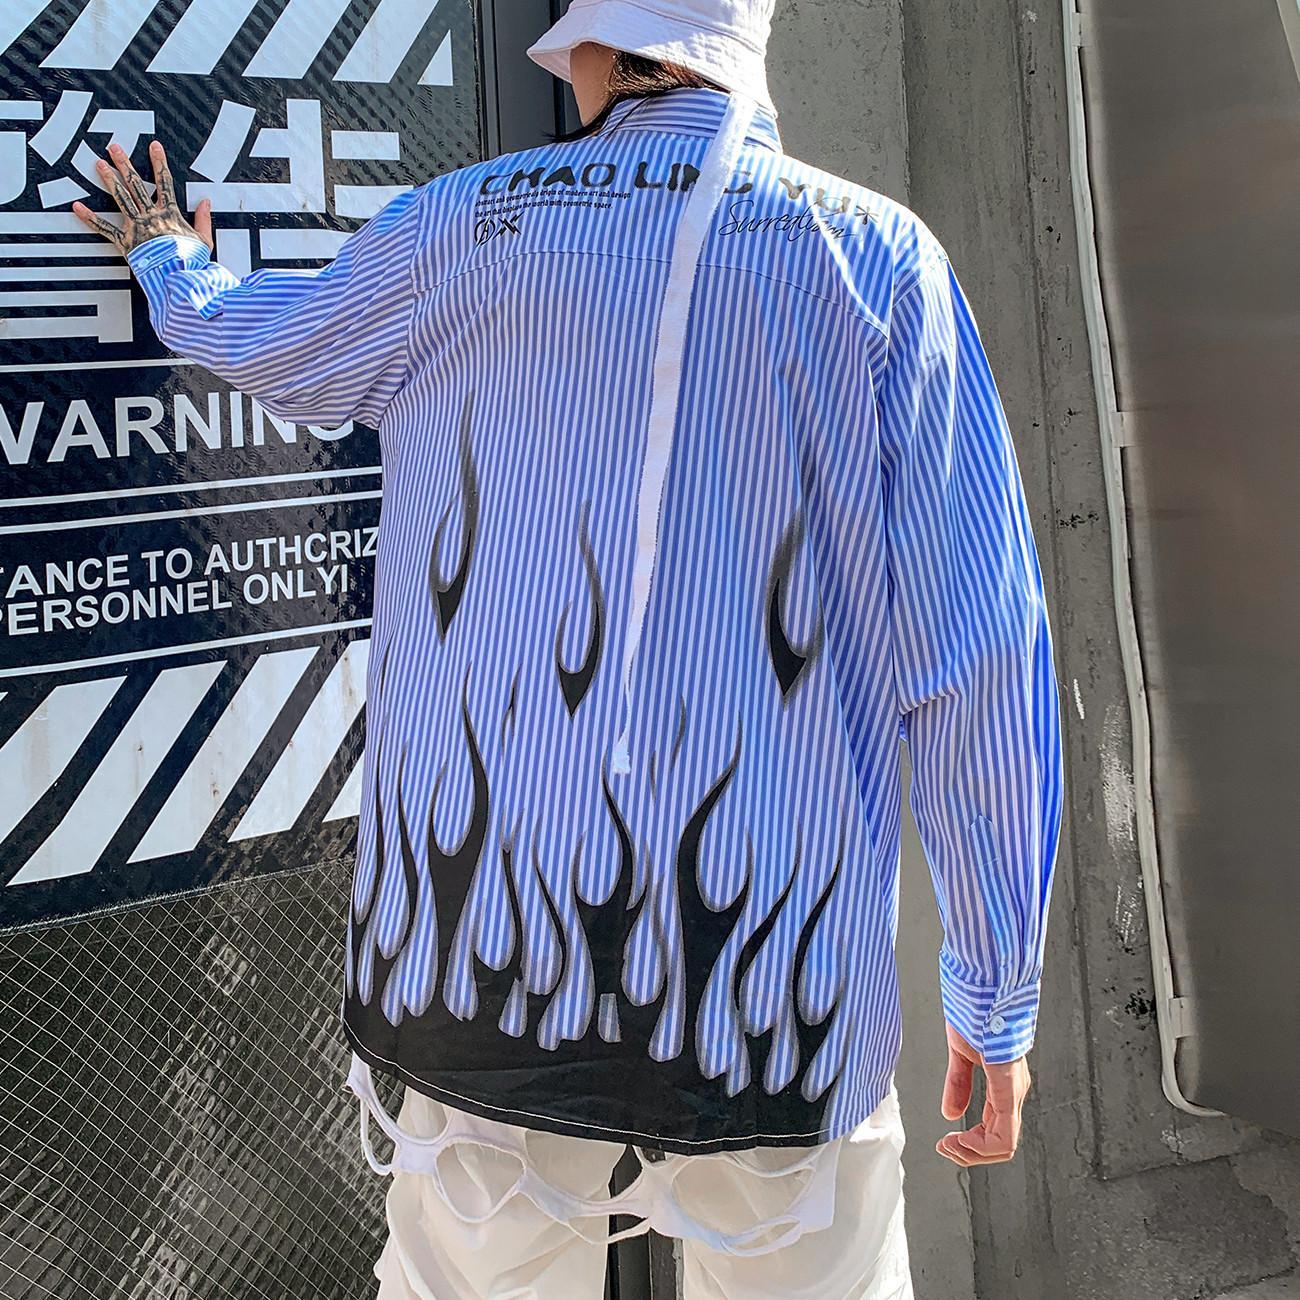 2021 Новый полосатый огонь пламени Печать с длинным рукавом Мужская осень Harajuku рубашка хип-хоп уличныйверар цвет блокировки хлопковые свободные рубашки топы Yu51